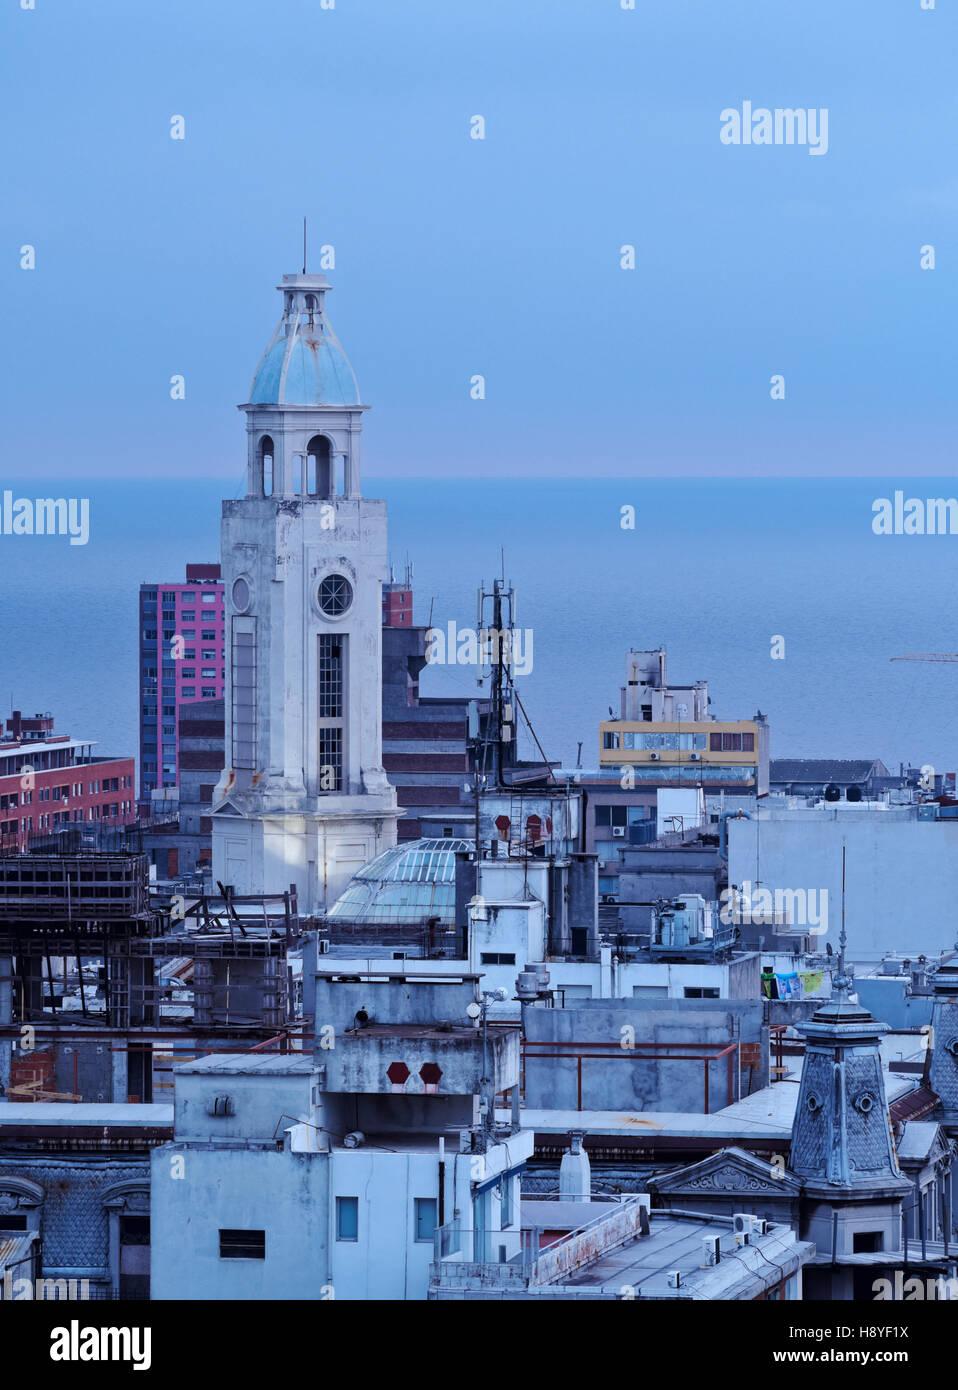 L'Uruguay, Montevideo, augmentation de la vue sur la vieille ville. Photo Stock